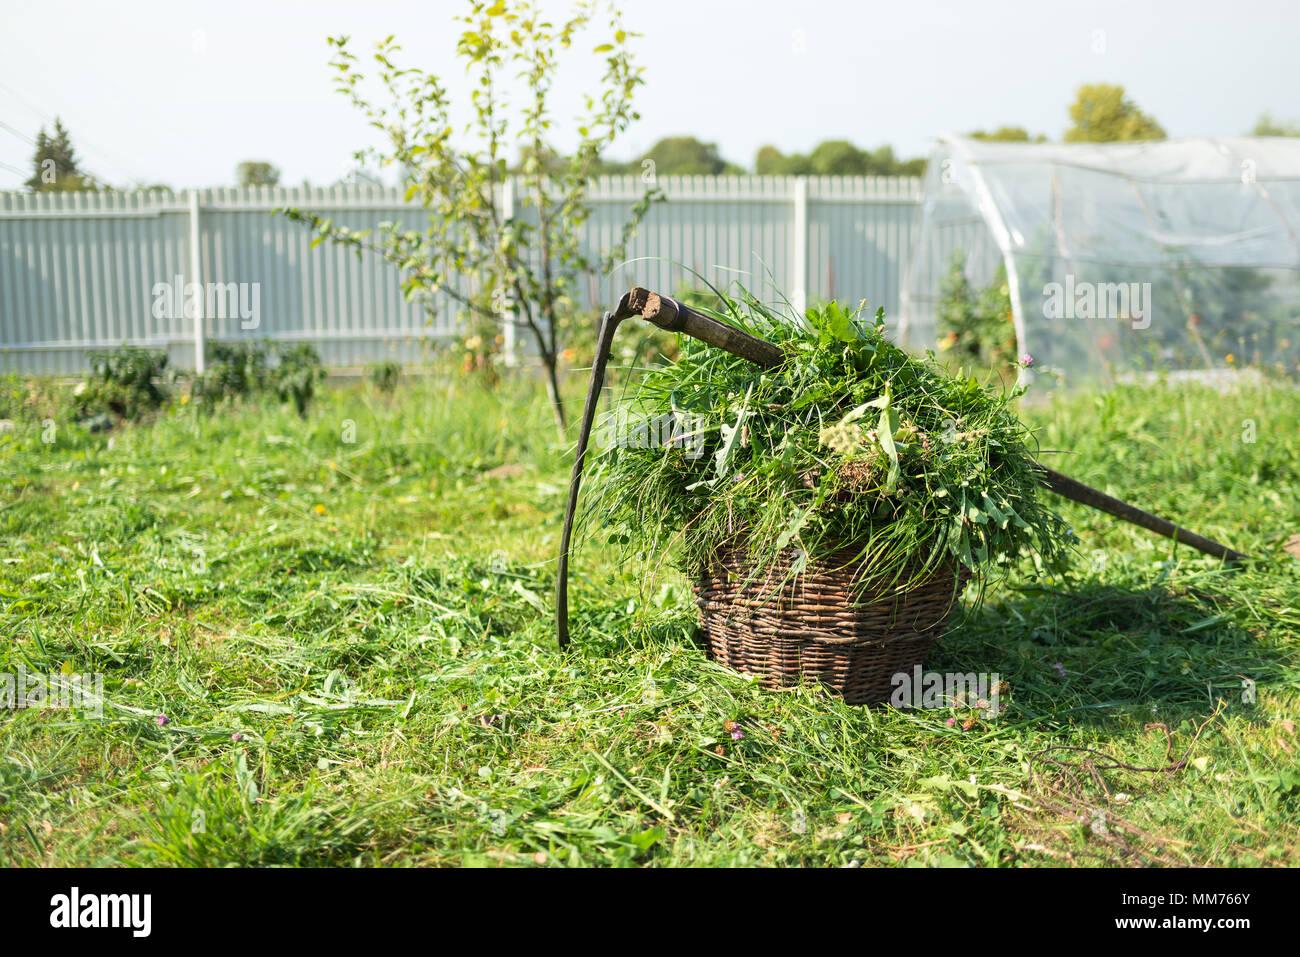 L'herbe fraîche dans un panier et dépassées d'outils à main - scythe Photo Stock